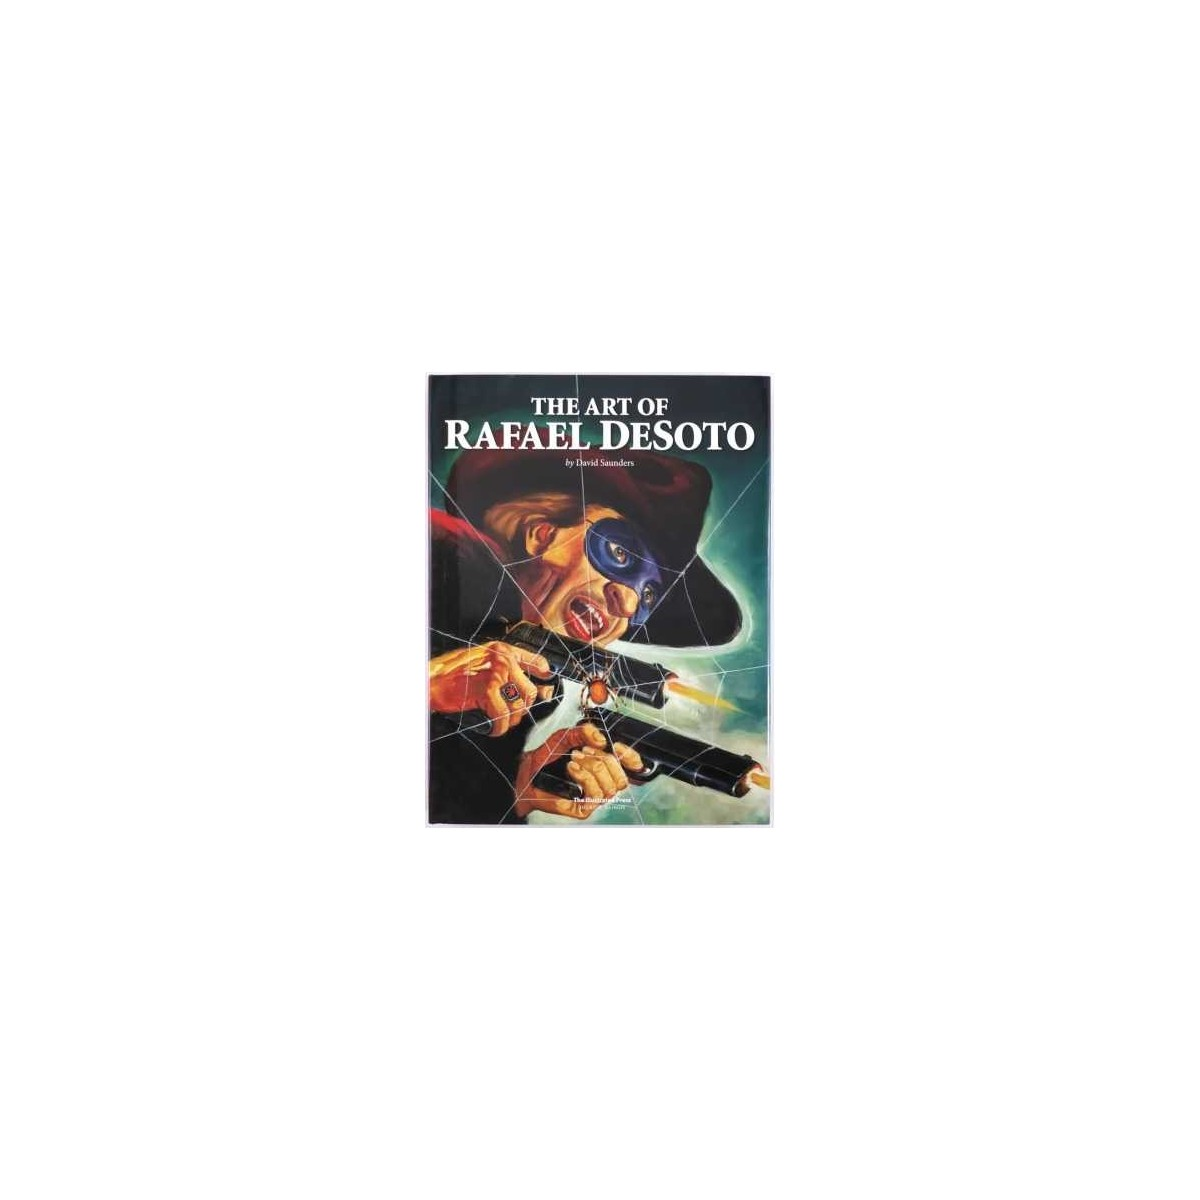 David Saunders - The Art of Rafael DeSoto